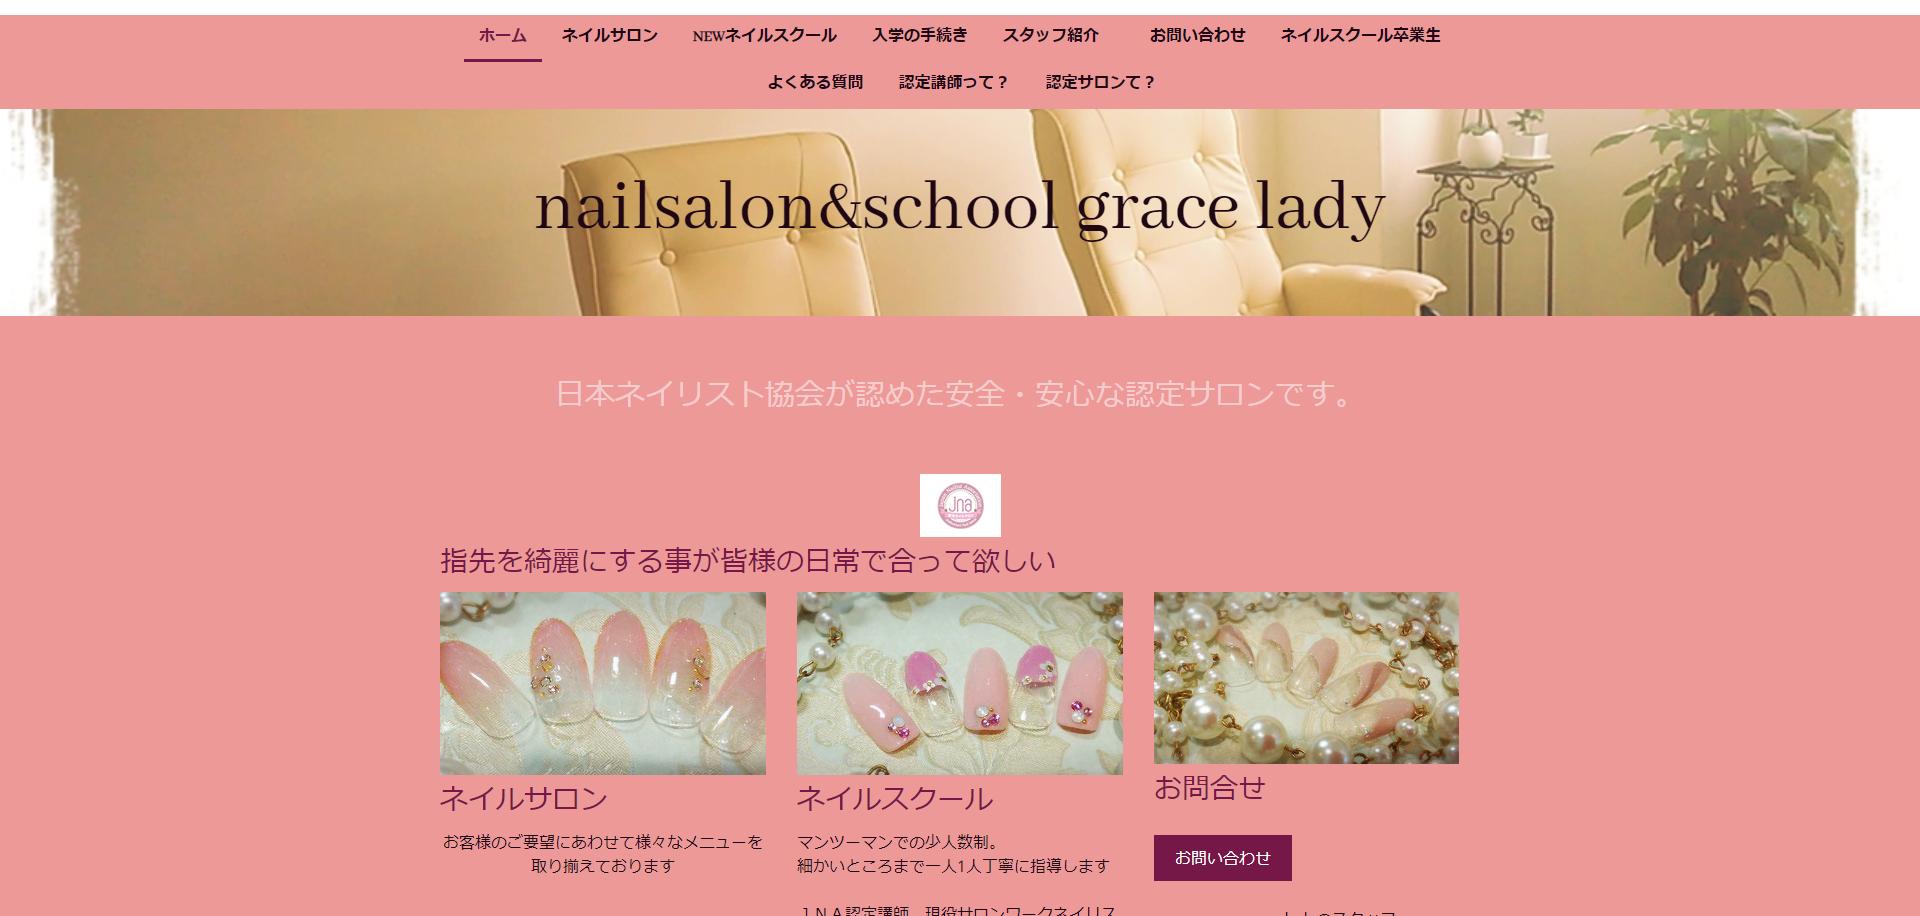 grace lady